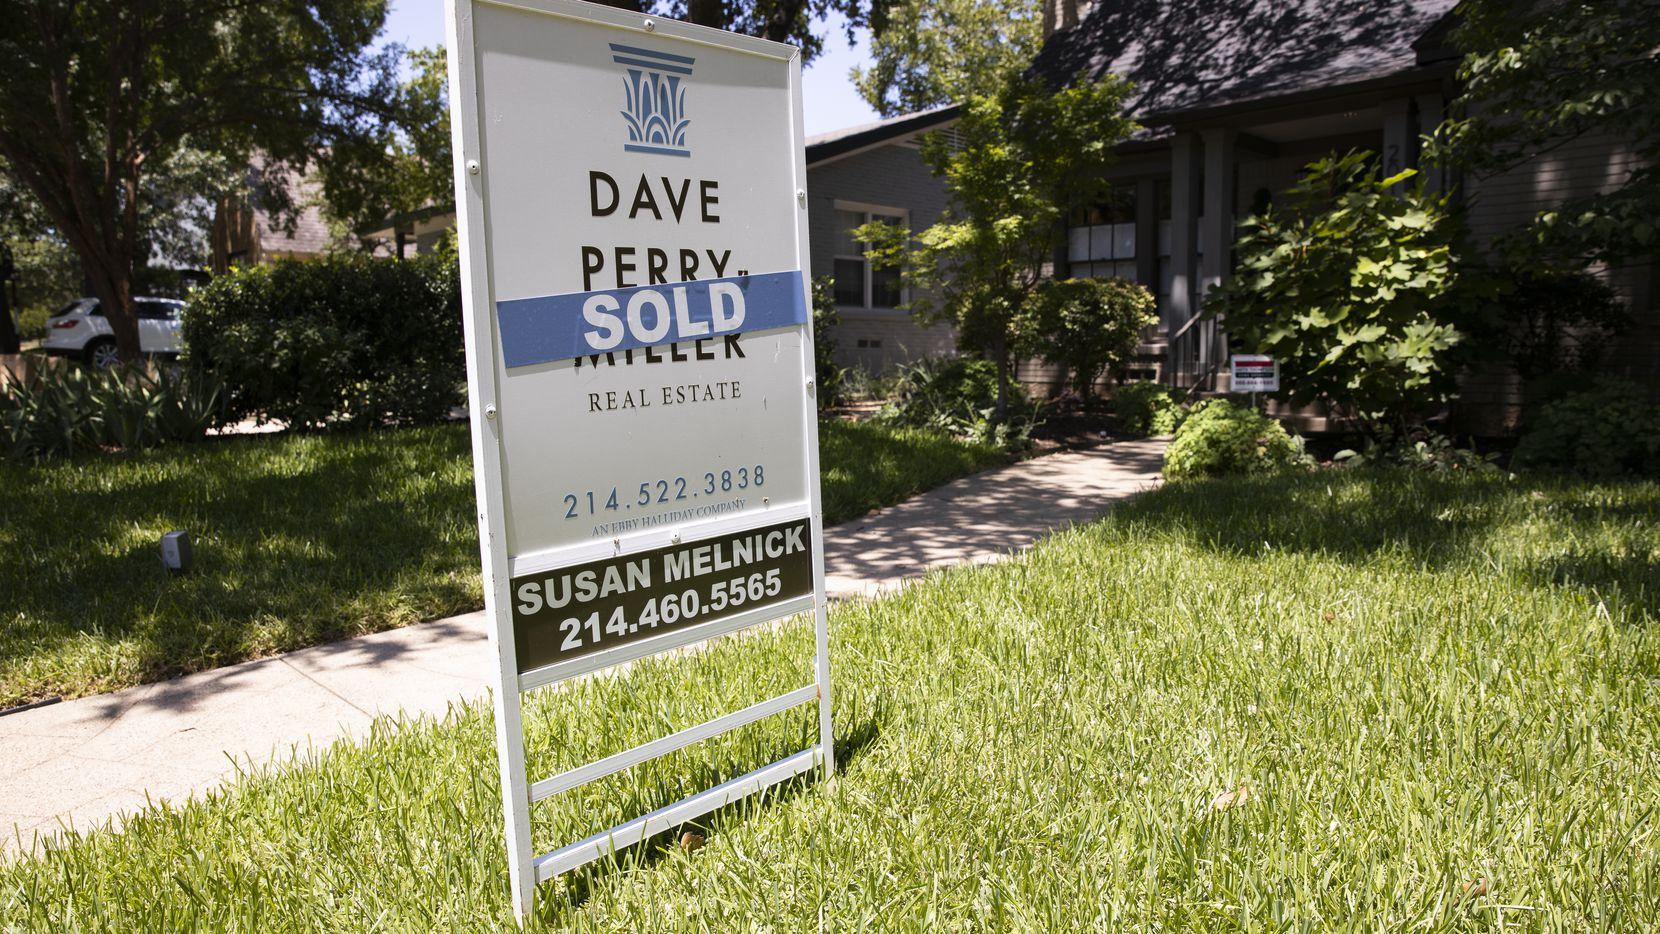 Las viviendas en venta escasean en Dallas. La oferta se ha reducido en casi un 40%.